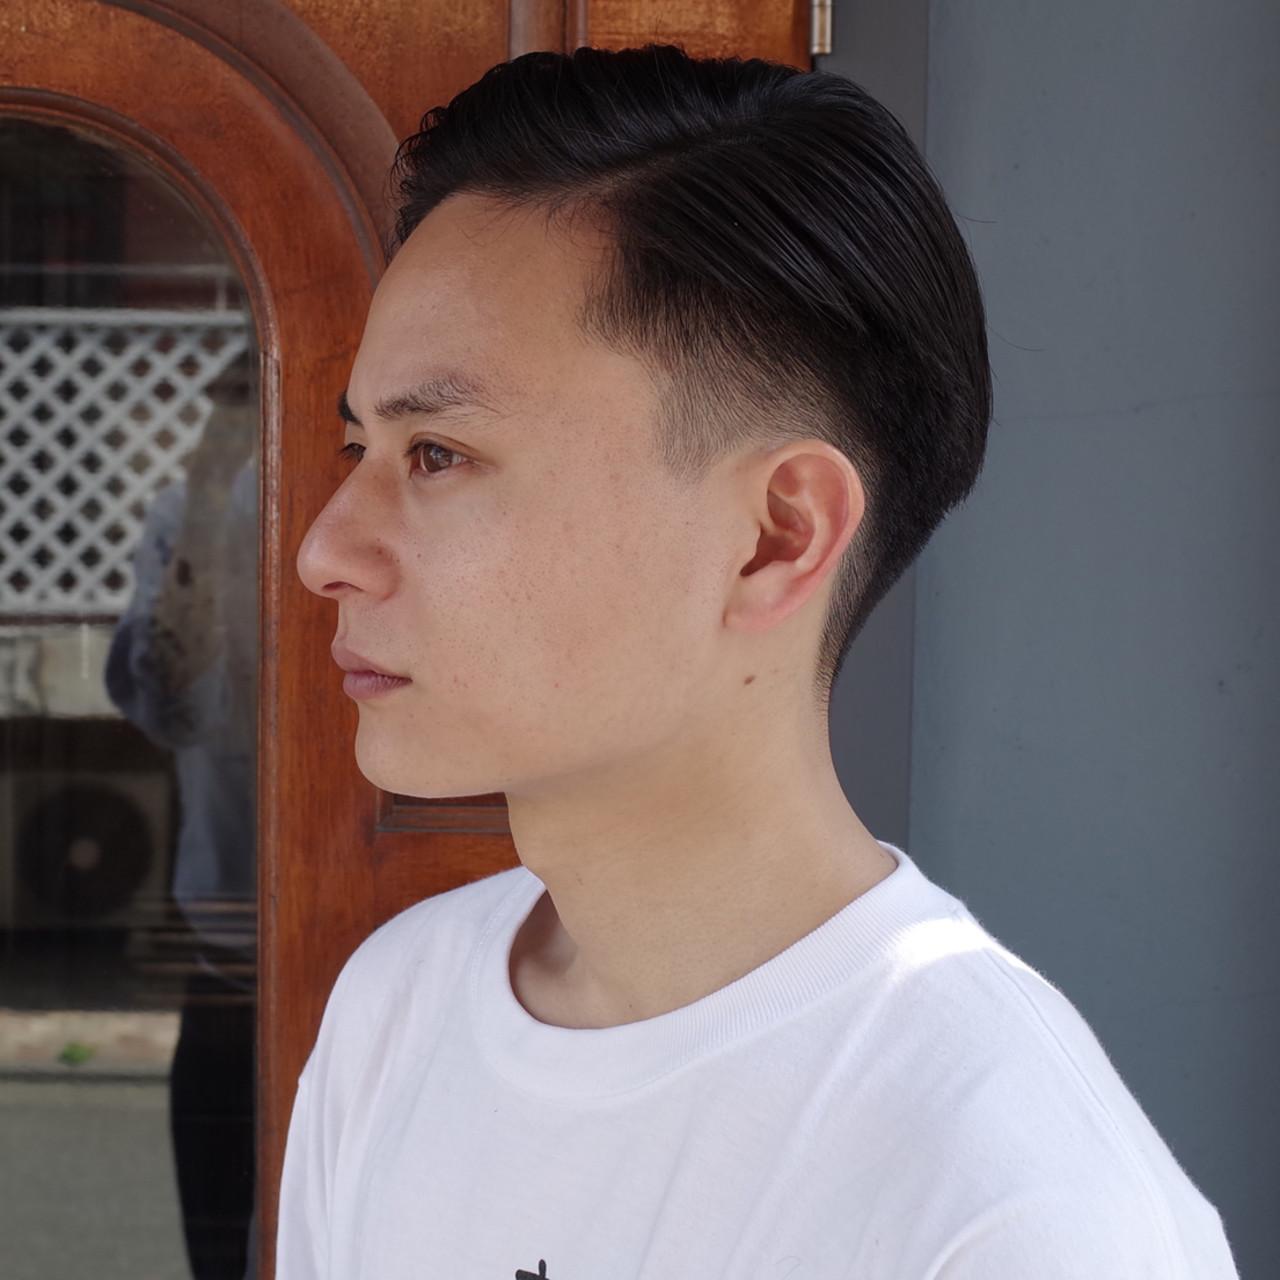 メンズショート ストリート メンズヘア ツーブロック ヘアスタイルや髪型の写真・画像